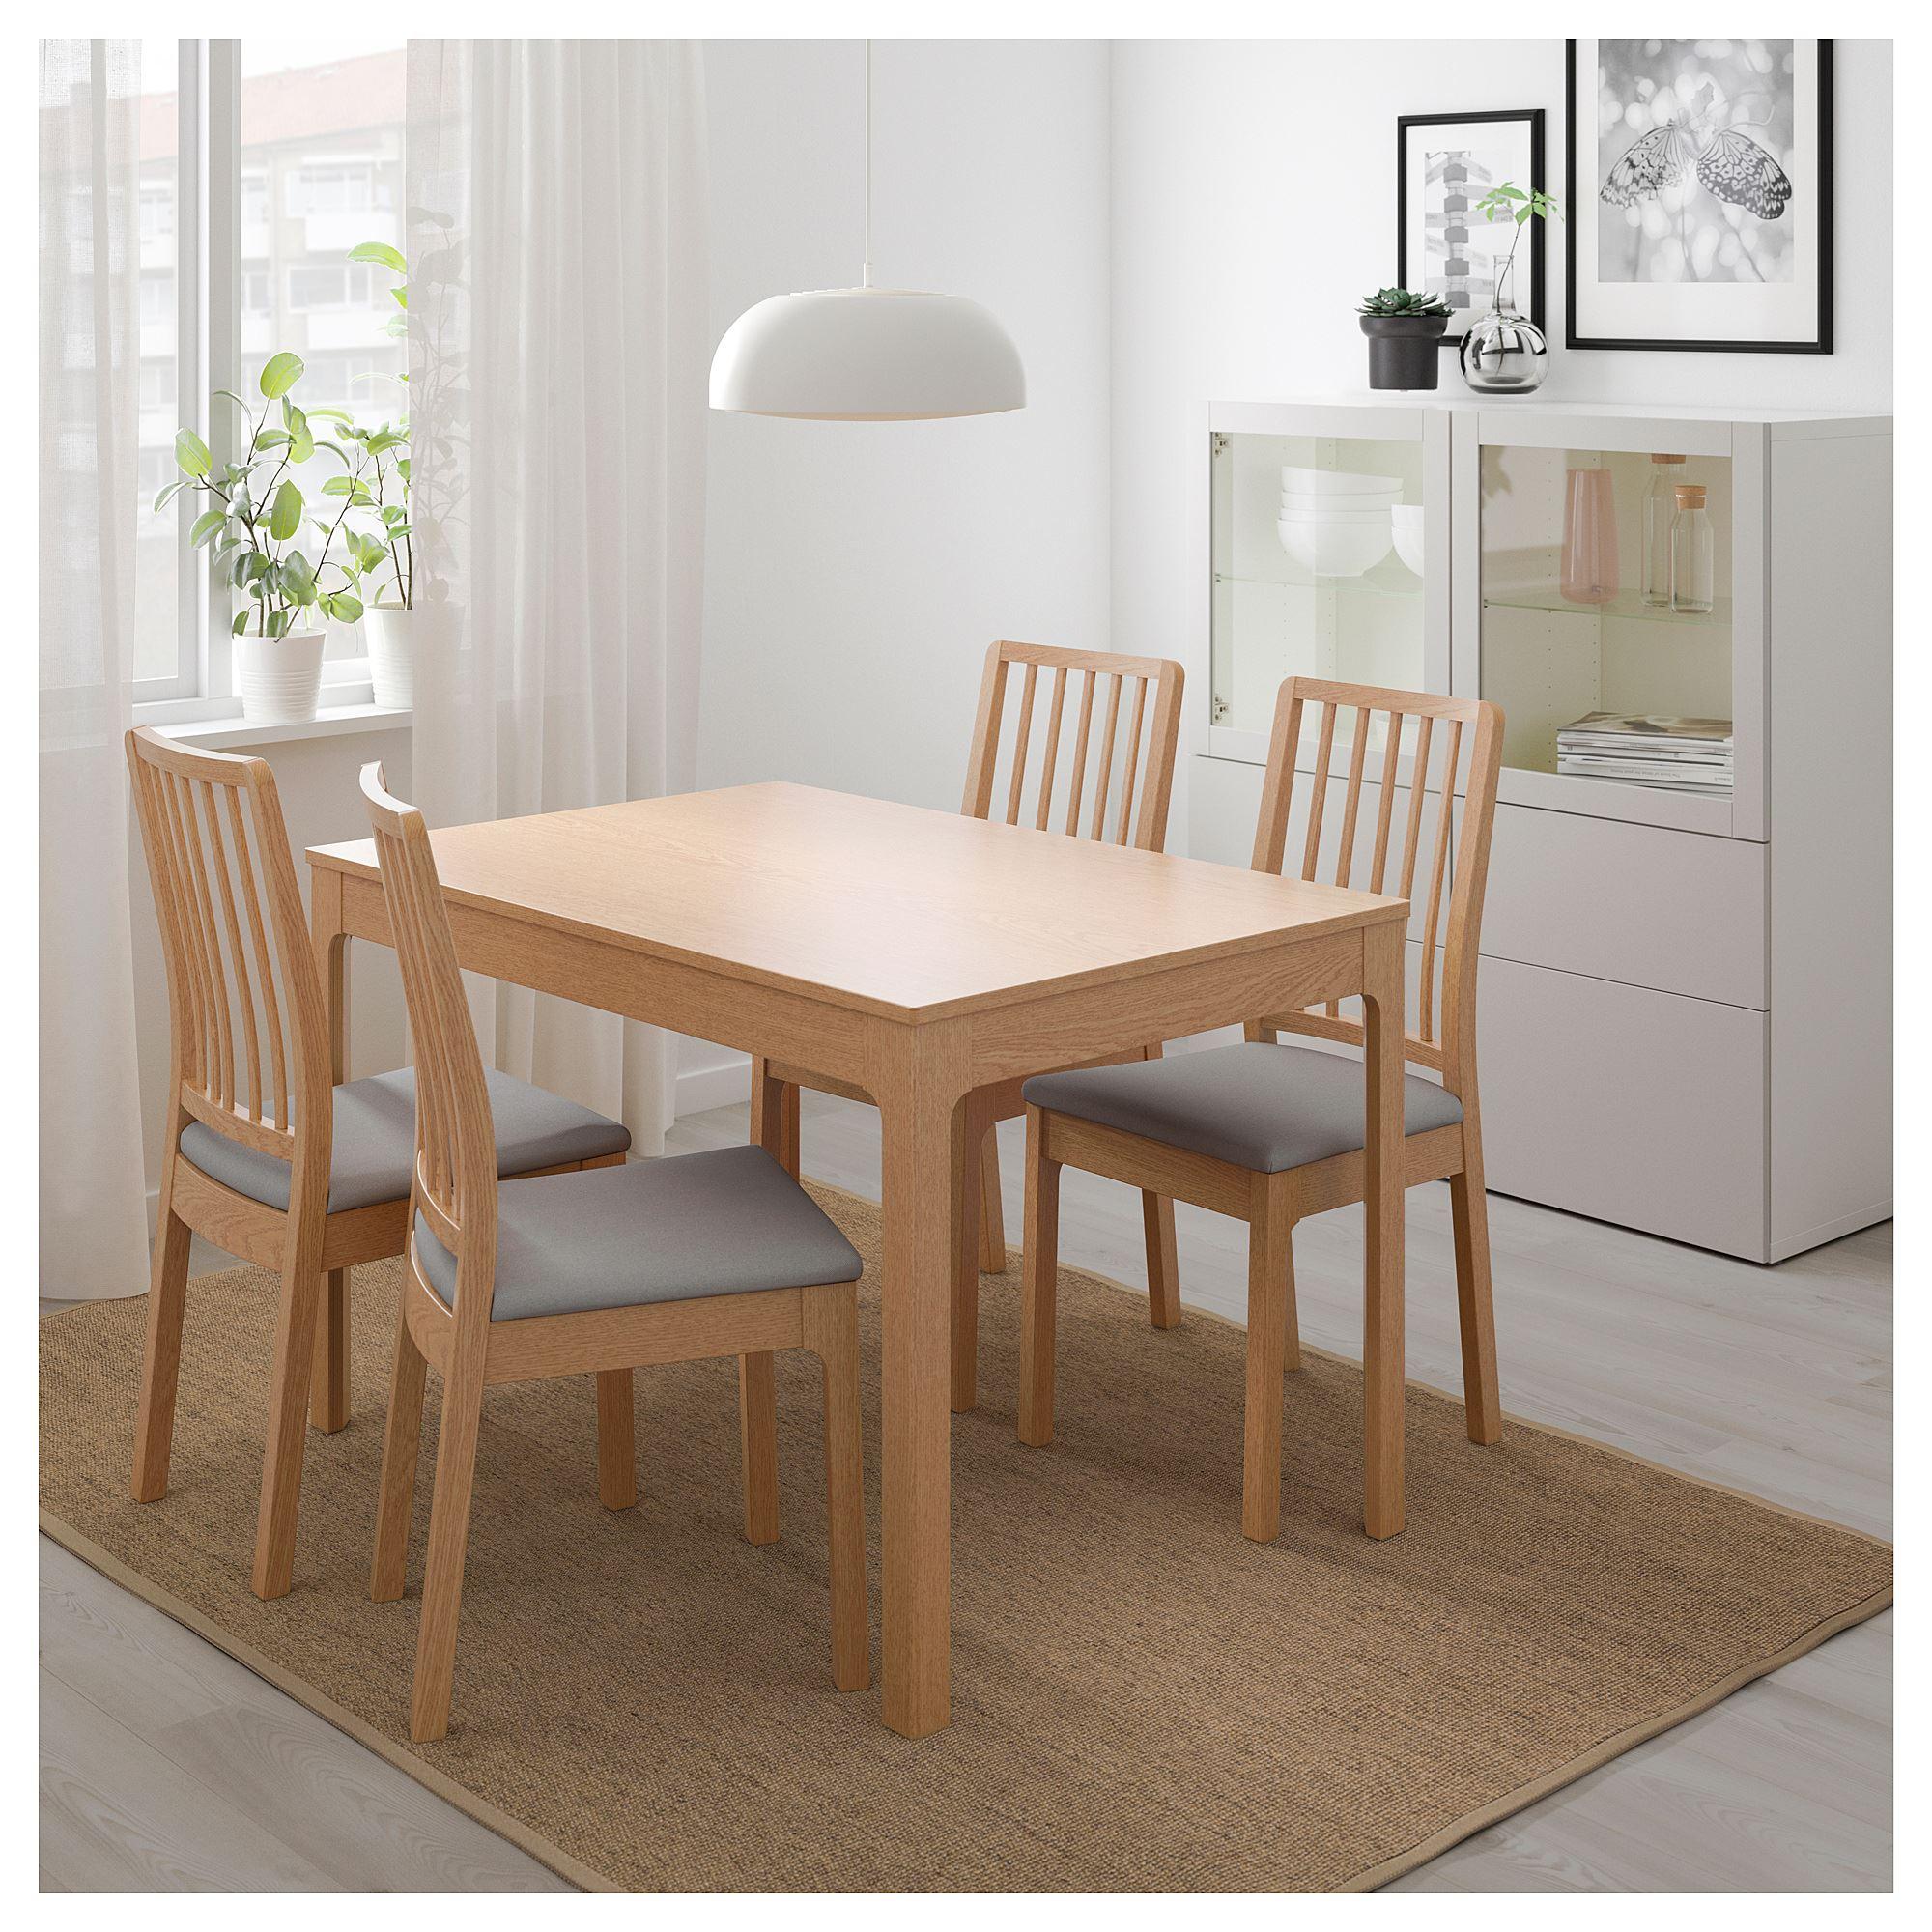 Ikea Acilabilir Mutfak Masa Sandalye Takimi Odasi